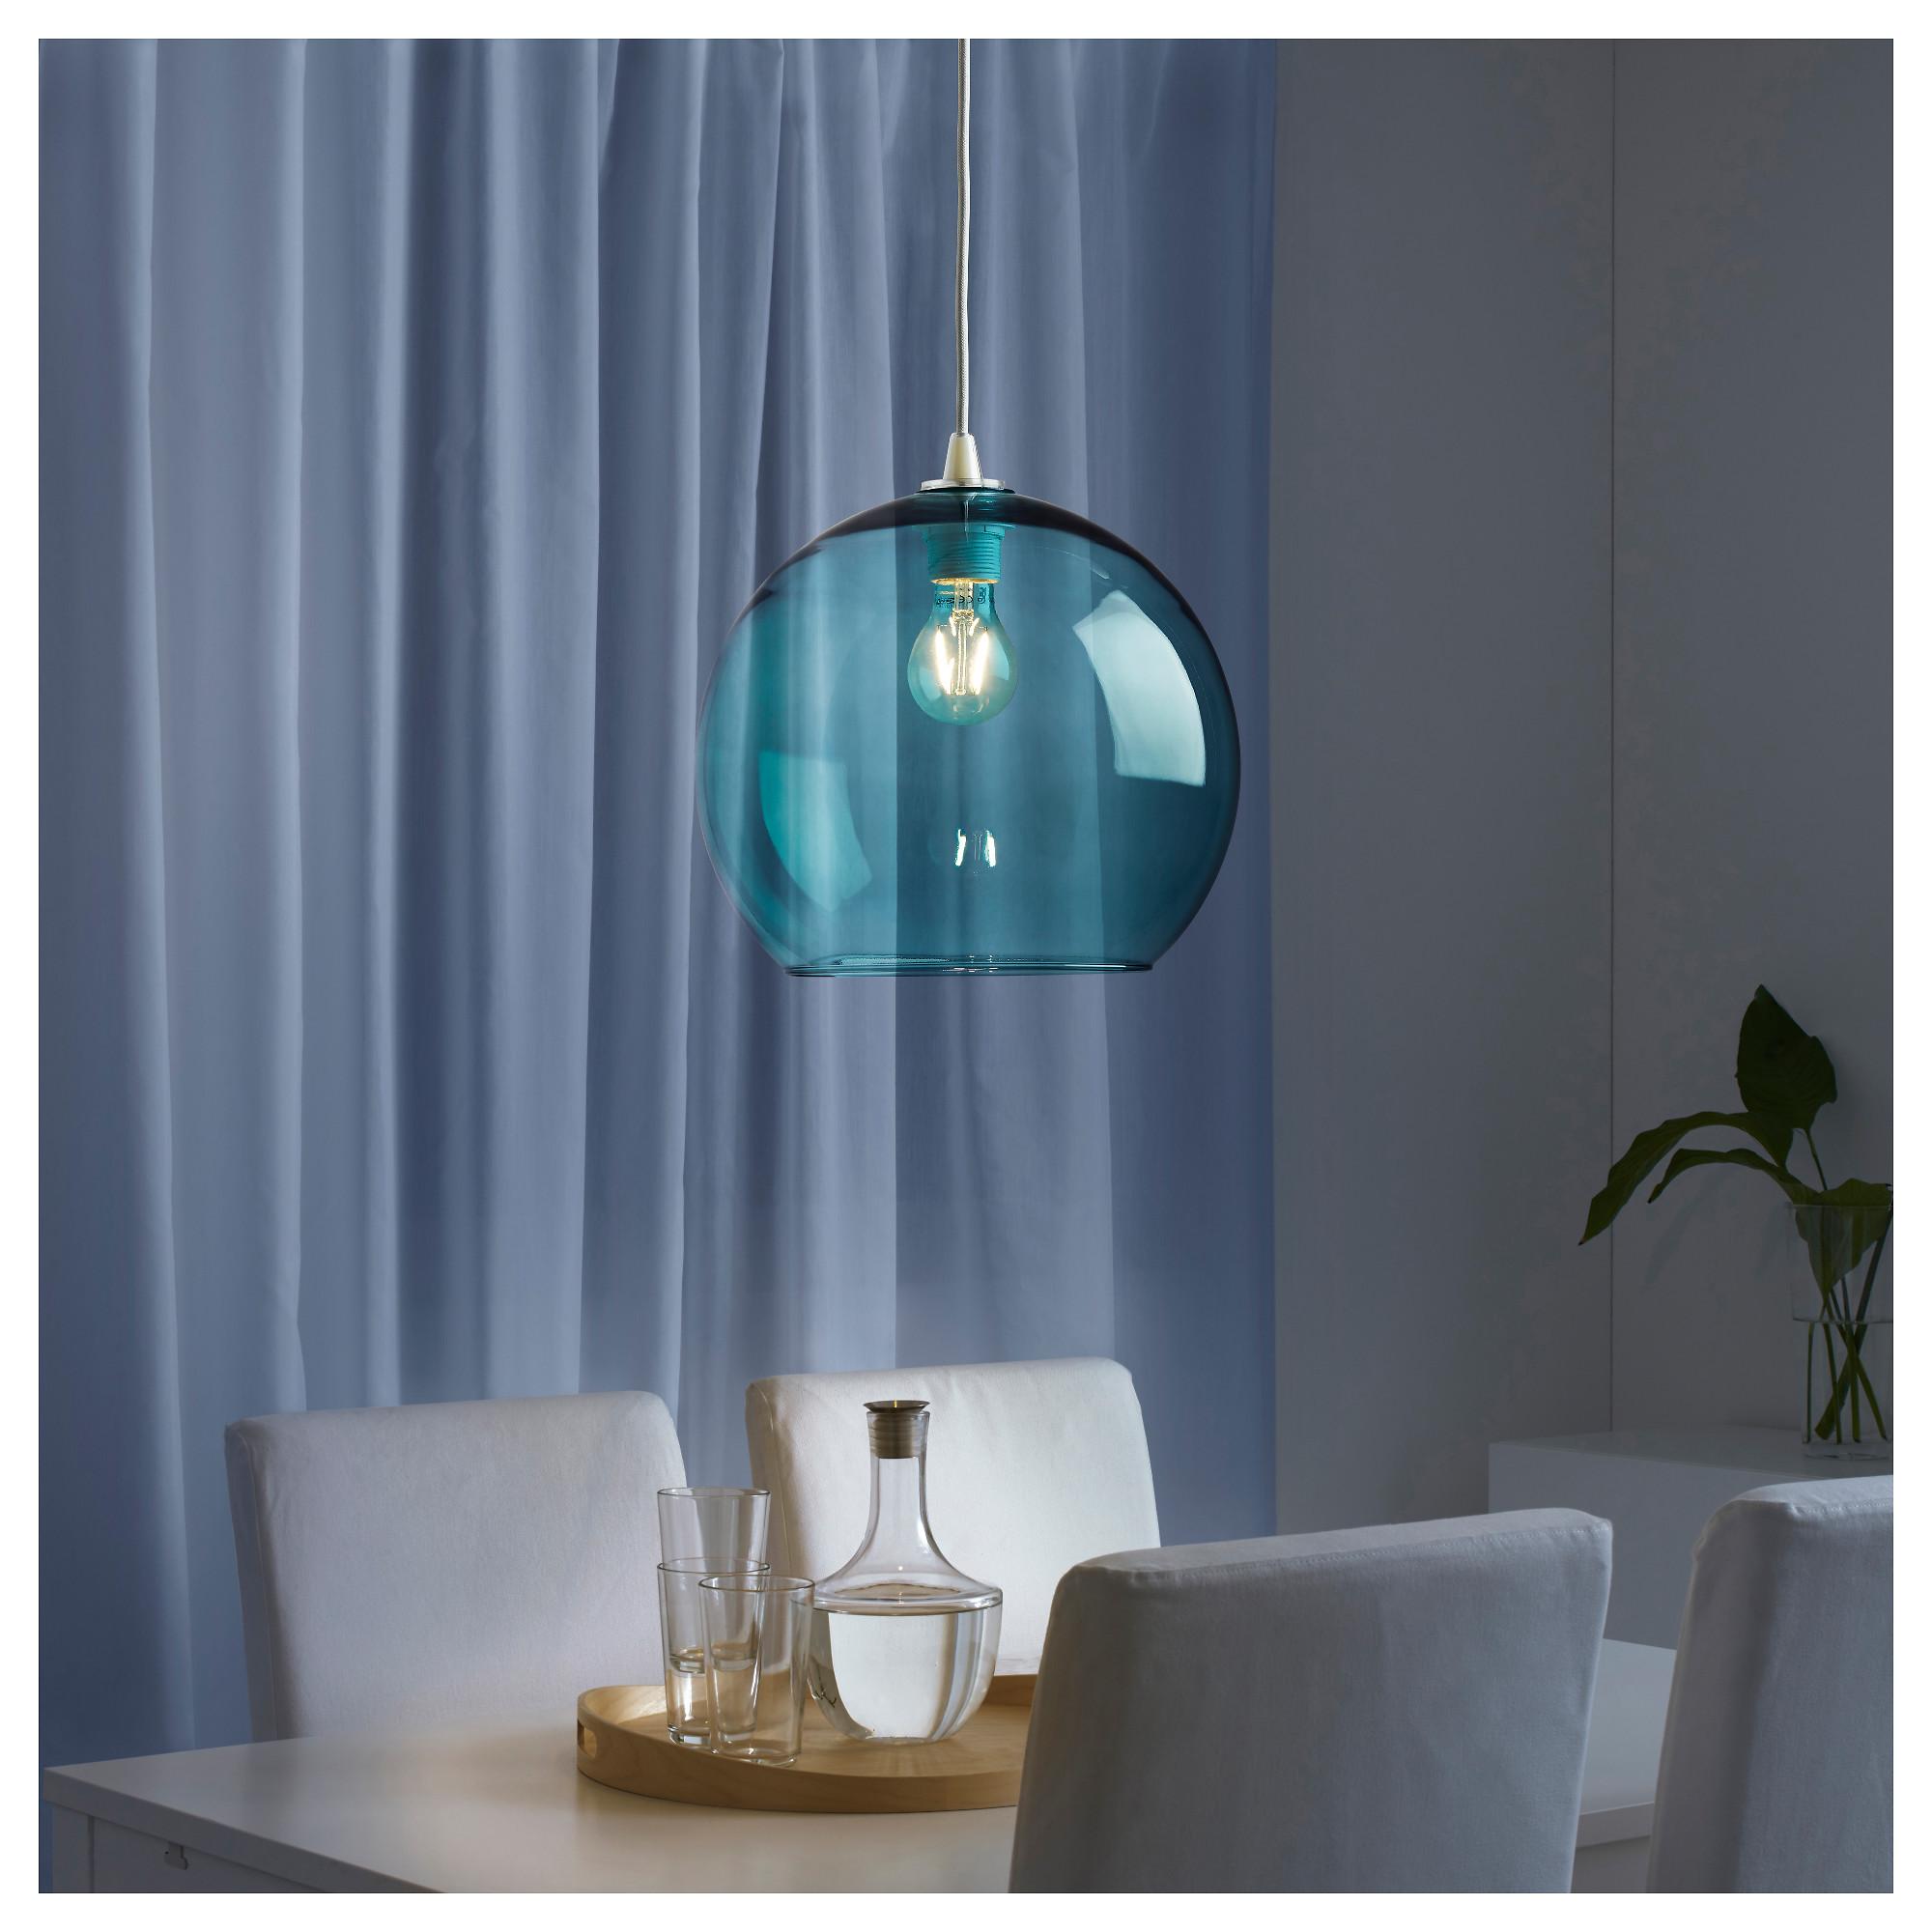 Jakobsbyn pendant lamp shade turquoise ikea pendant lamps and house ikea jakobsbyn pendant lamp shade turquoise aloadofball Choice Image